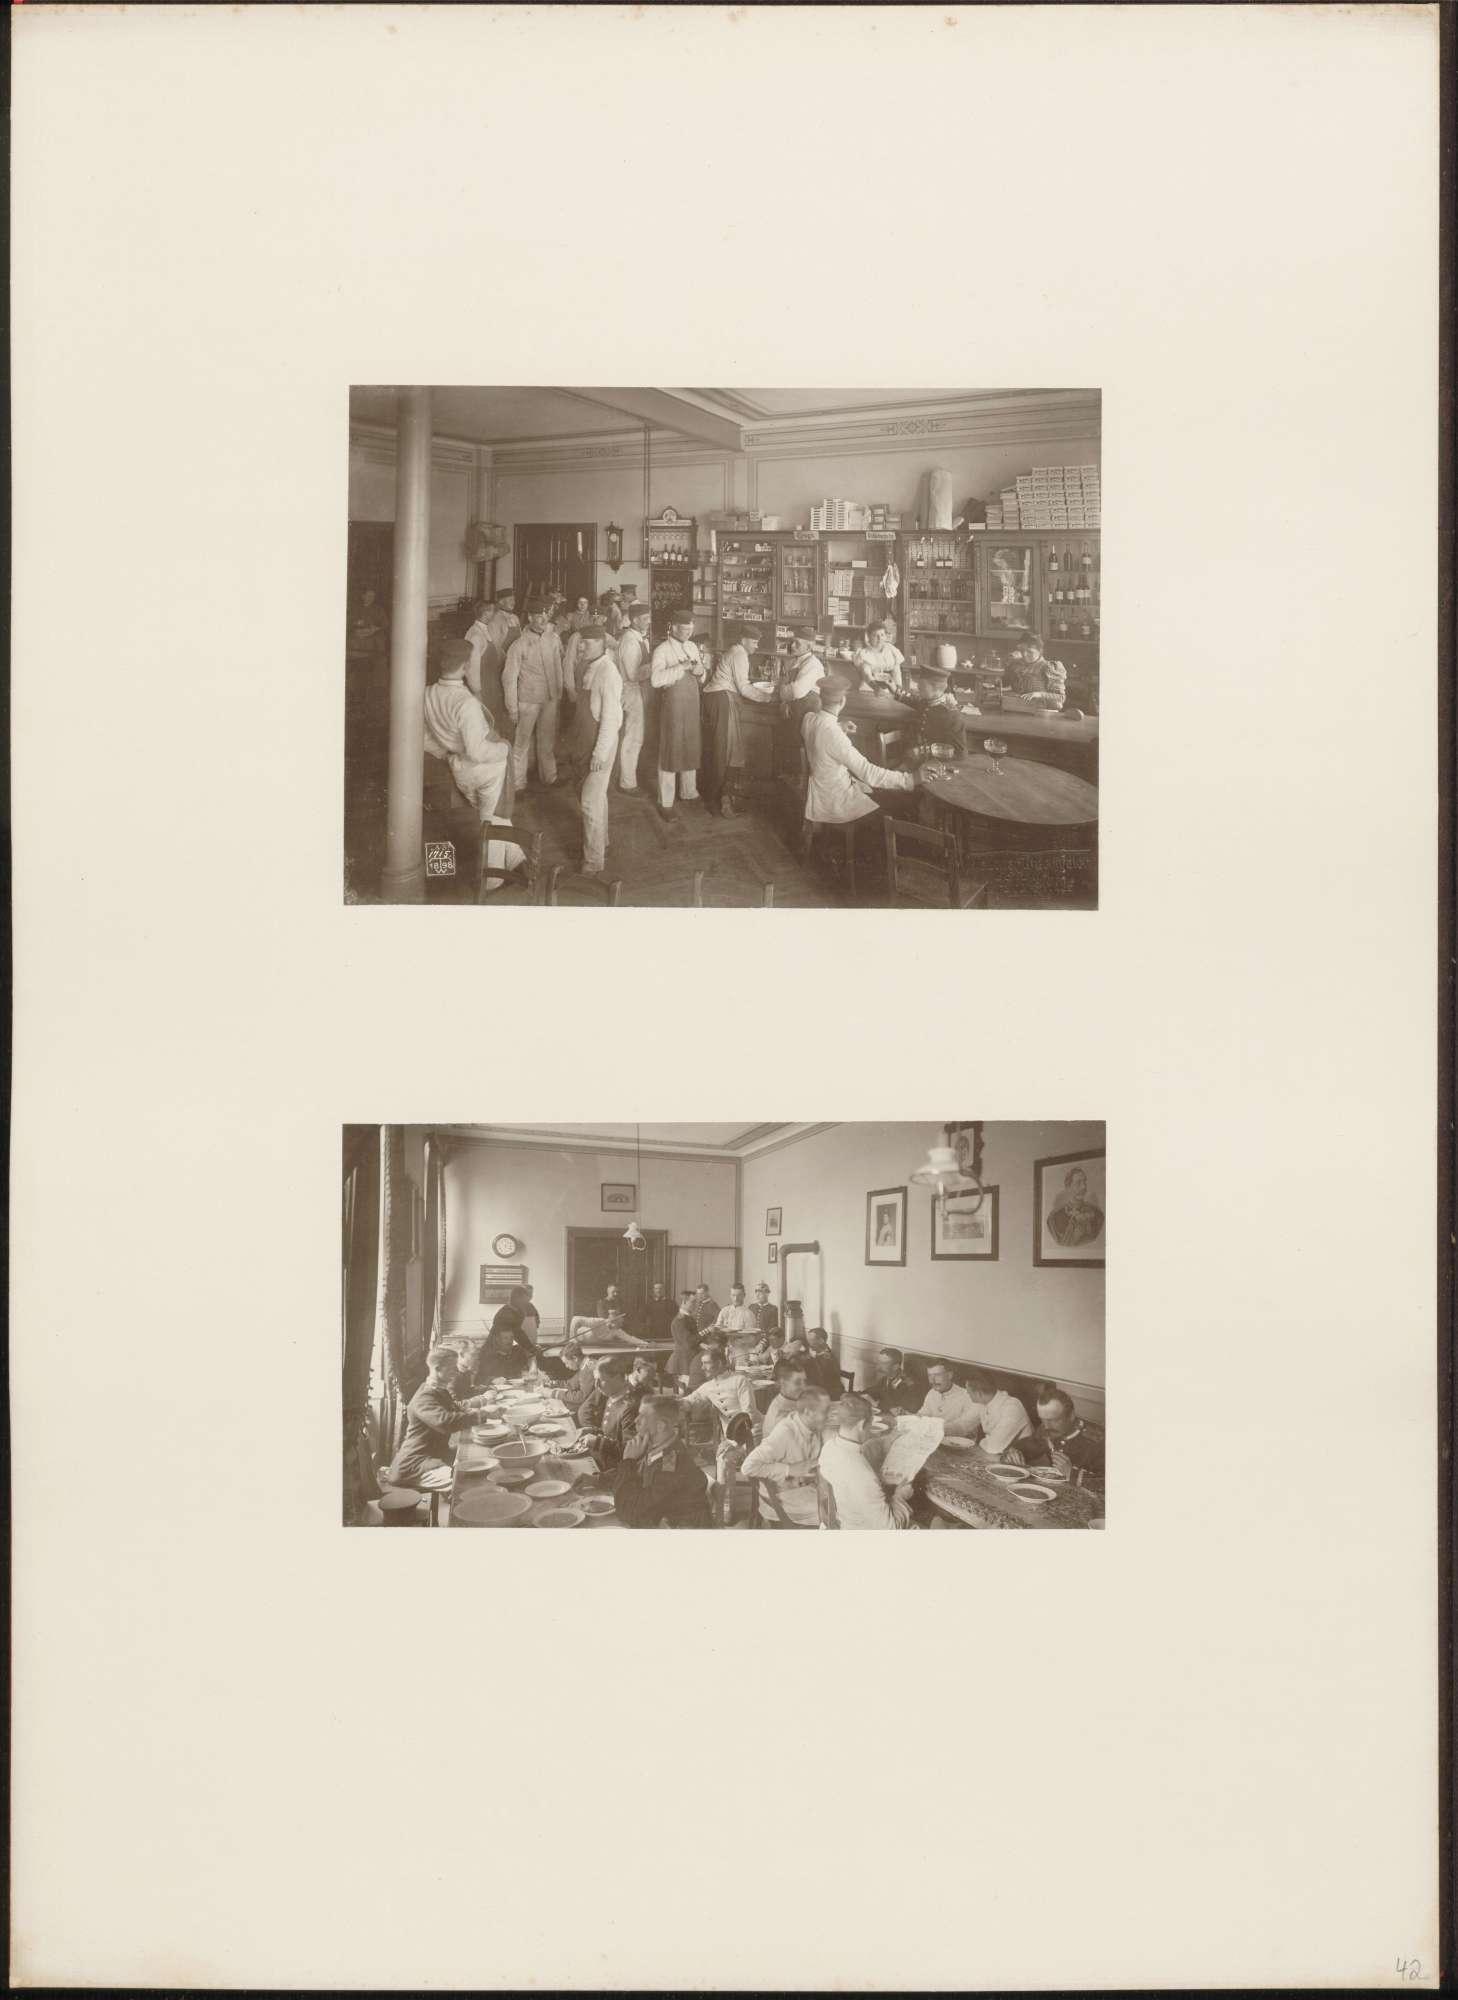 2 Aufnahmen von Mitgliedern des Königin Augusta Garde-Grenadier-Regiments Nr. 4 auf der Kantine, Bild 1